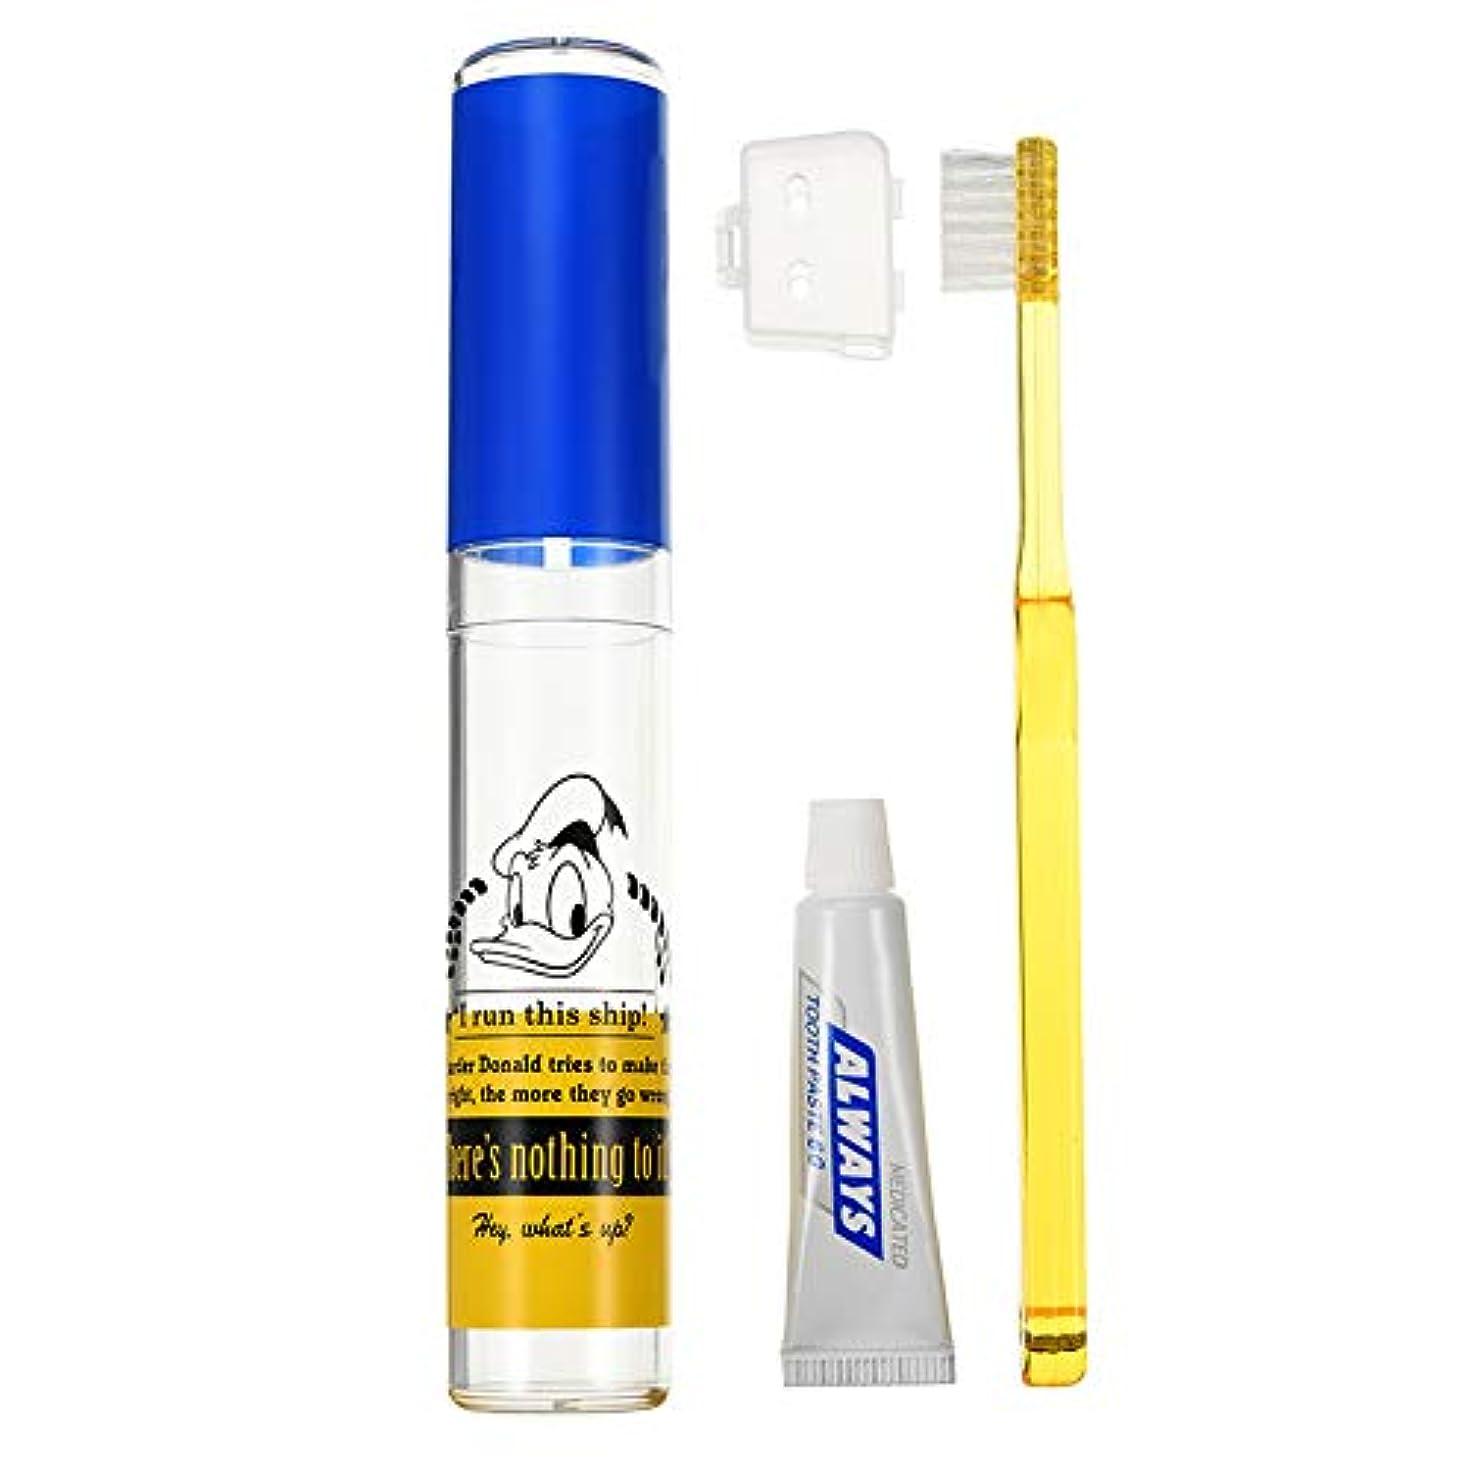 スマート印をつけるリストディズニーストア(公式)歯ブラシ セット ドナルド グラン?ブルー